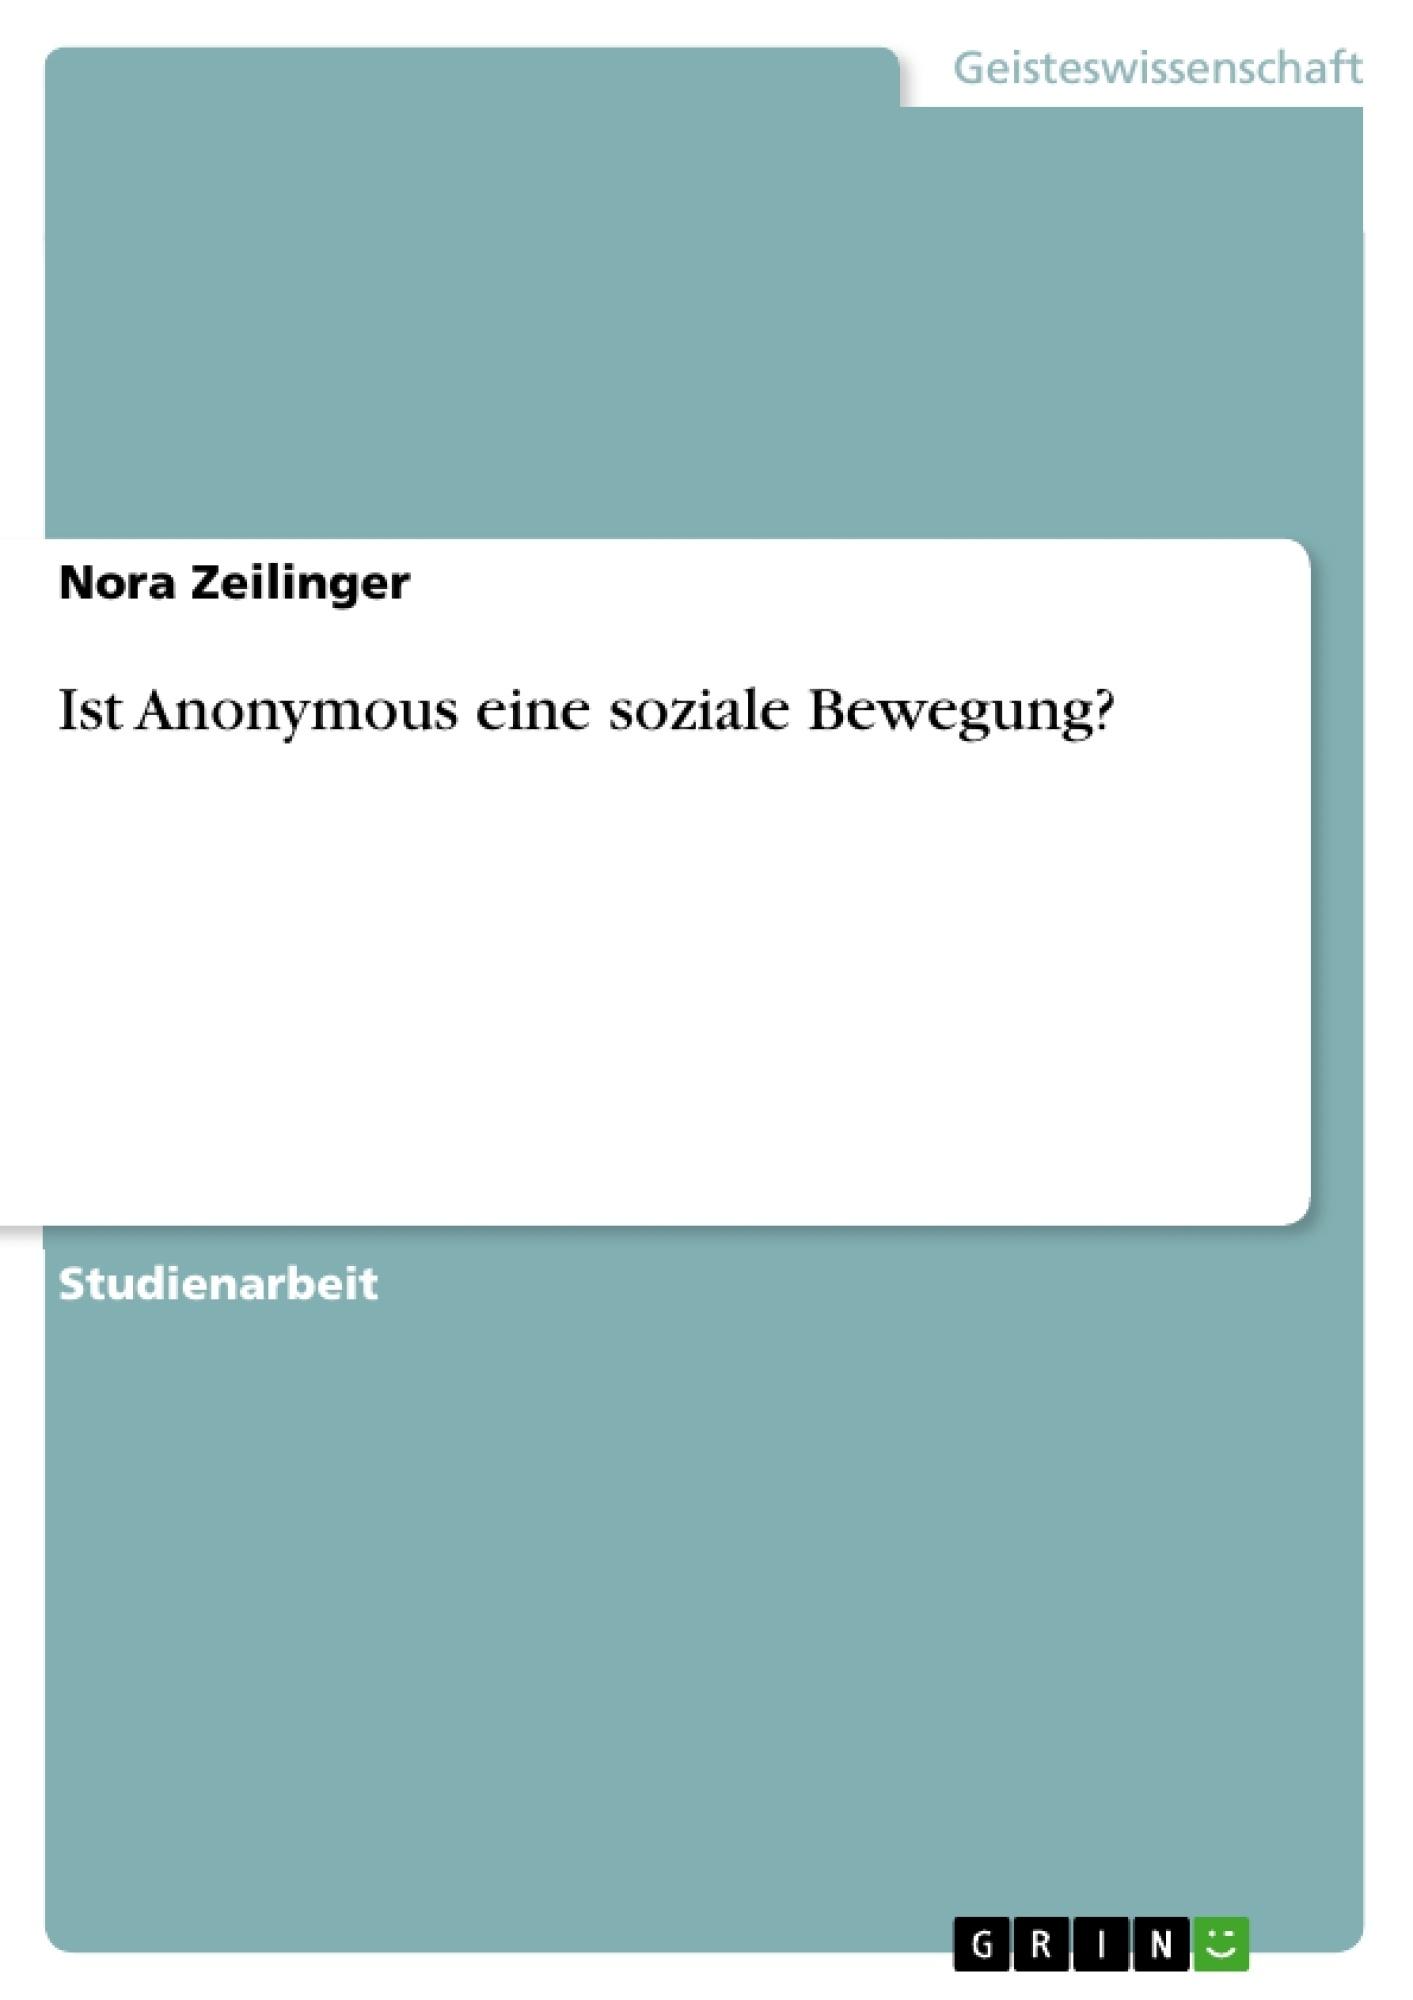 Titel: Ist Anonymous eine soziale Bewegung?